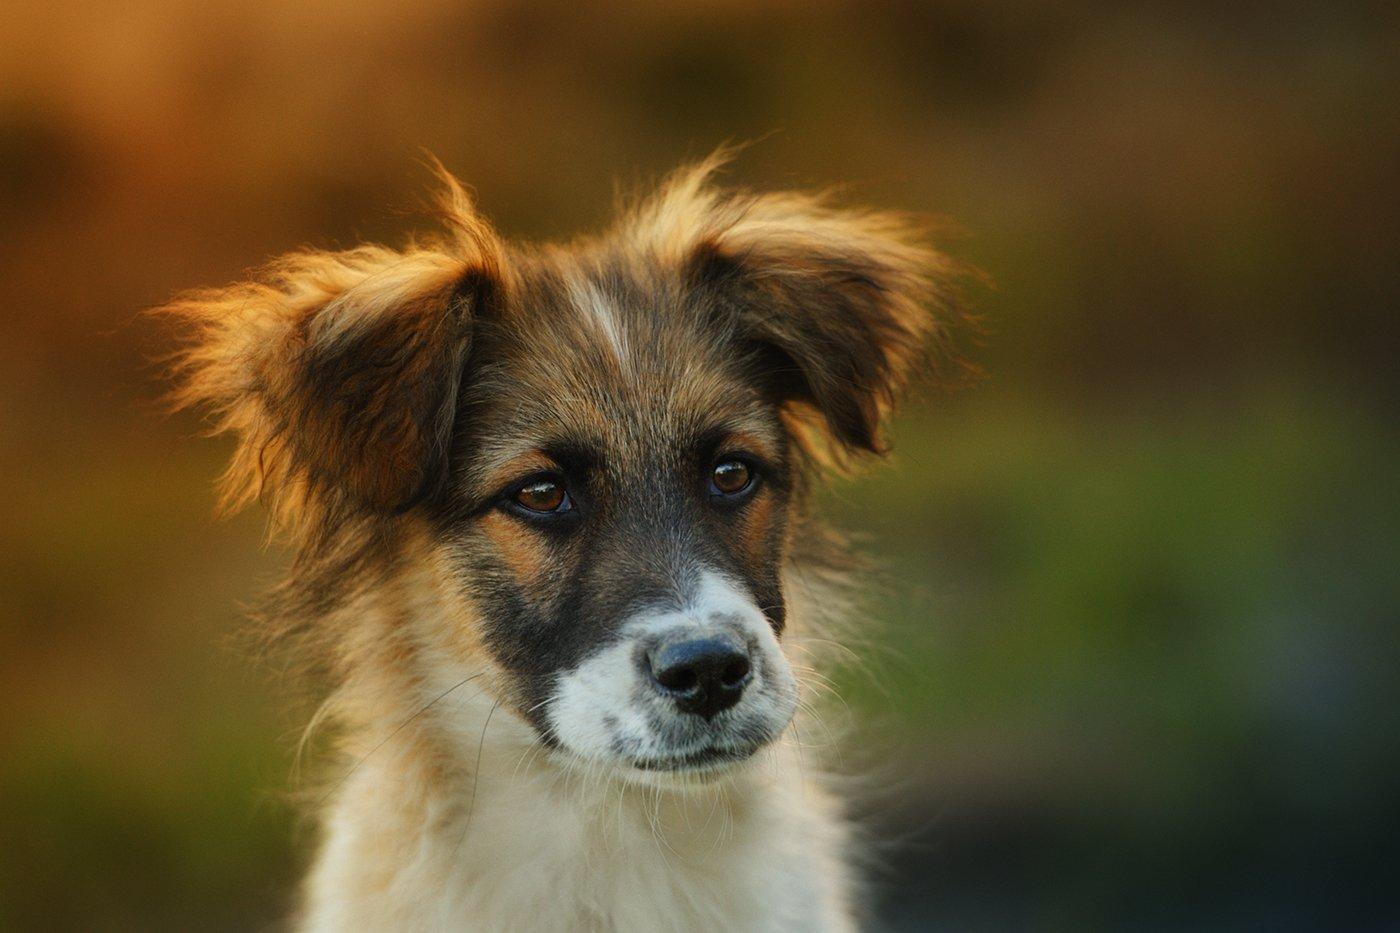 щенок, озорство, шкодливость, хулиганство, Вьюшкин Игорь